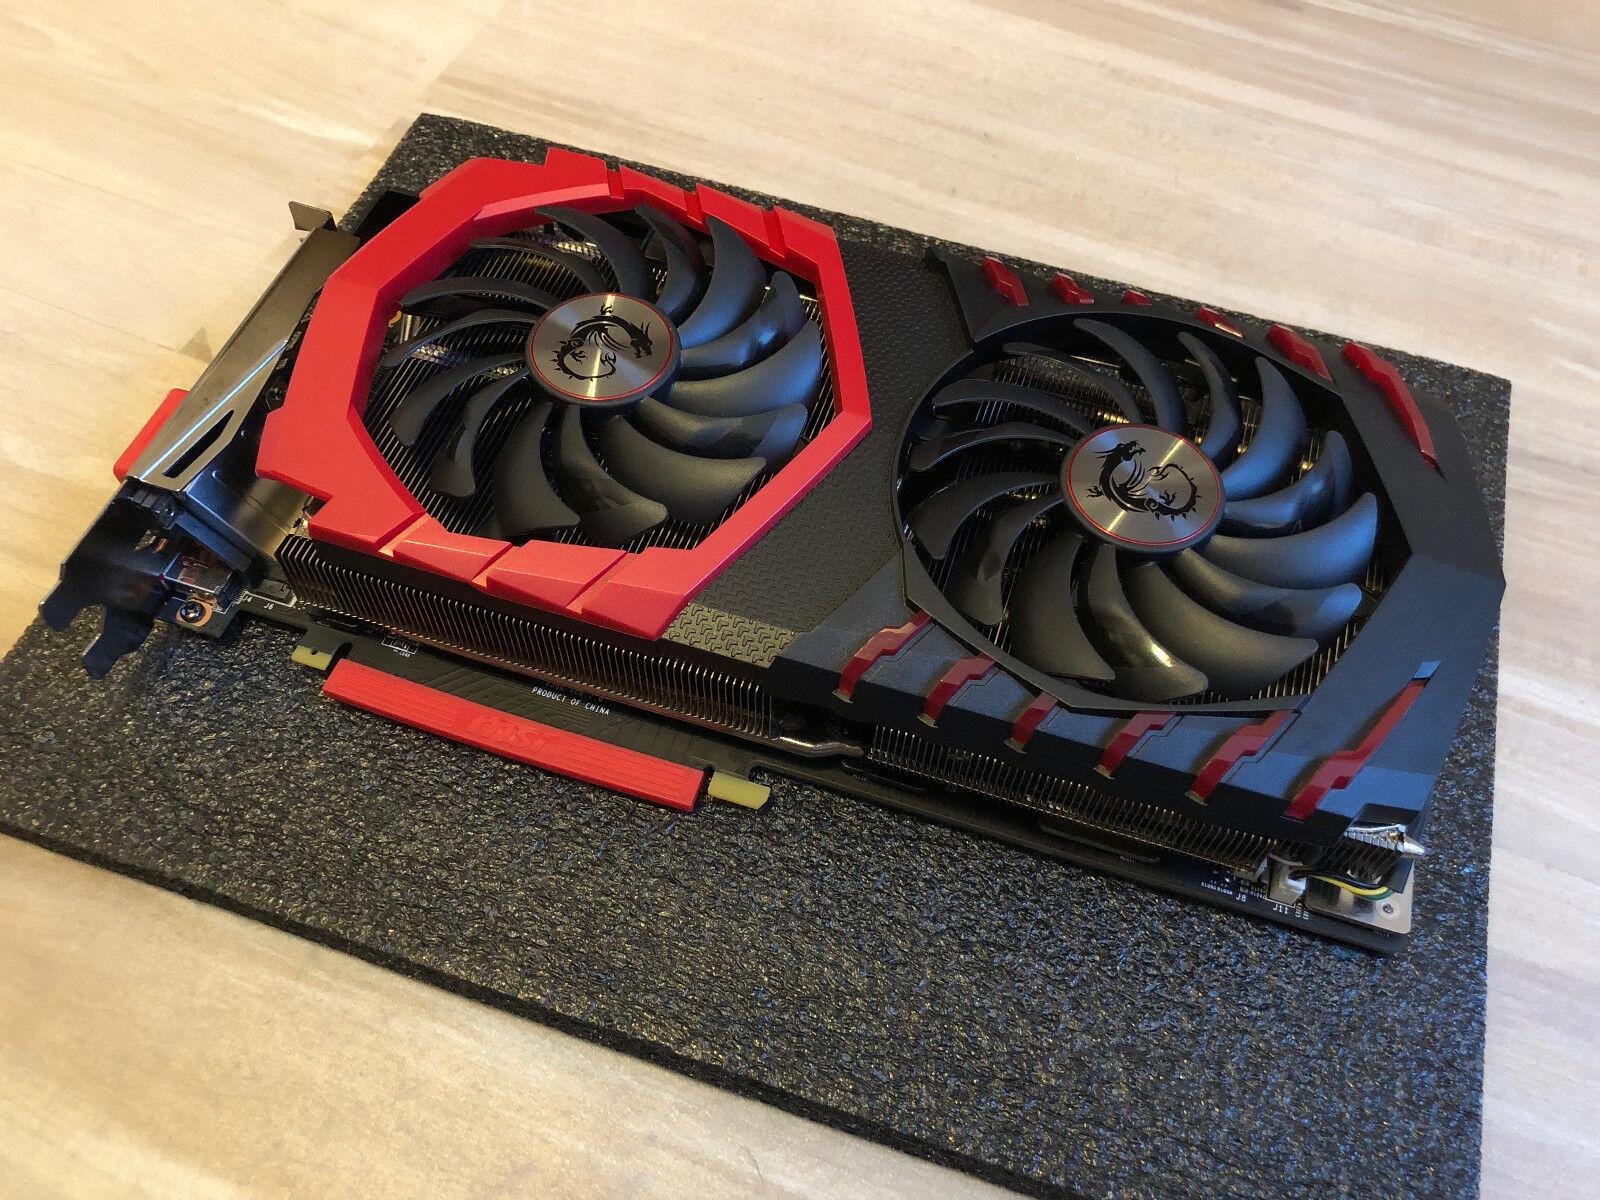 MSI GeForce GTX 1080 Ti Gaming X 11GB GDDR5X +++ Restgarantie bis 02.08.2020+++